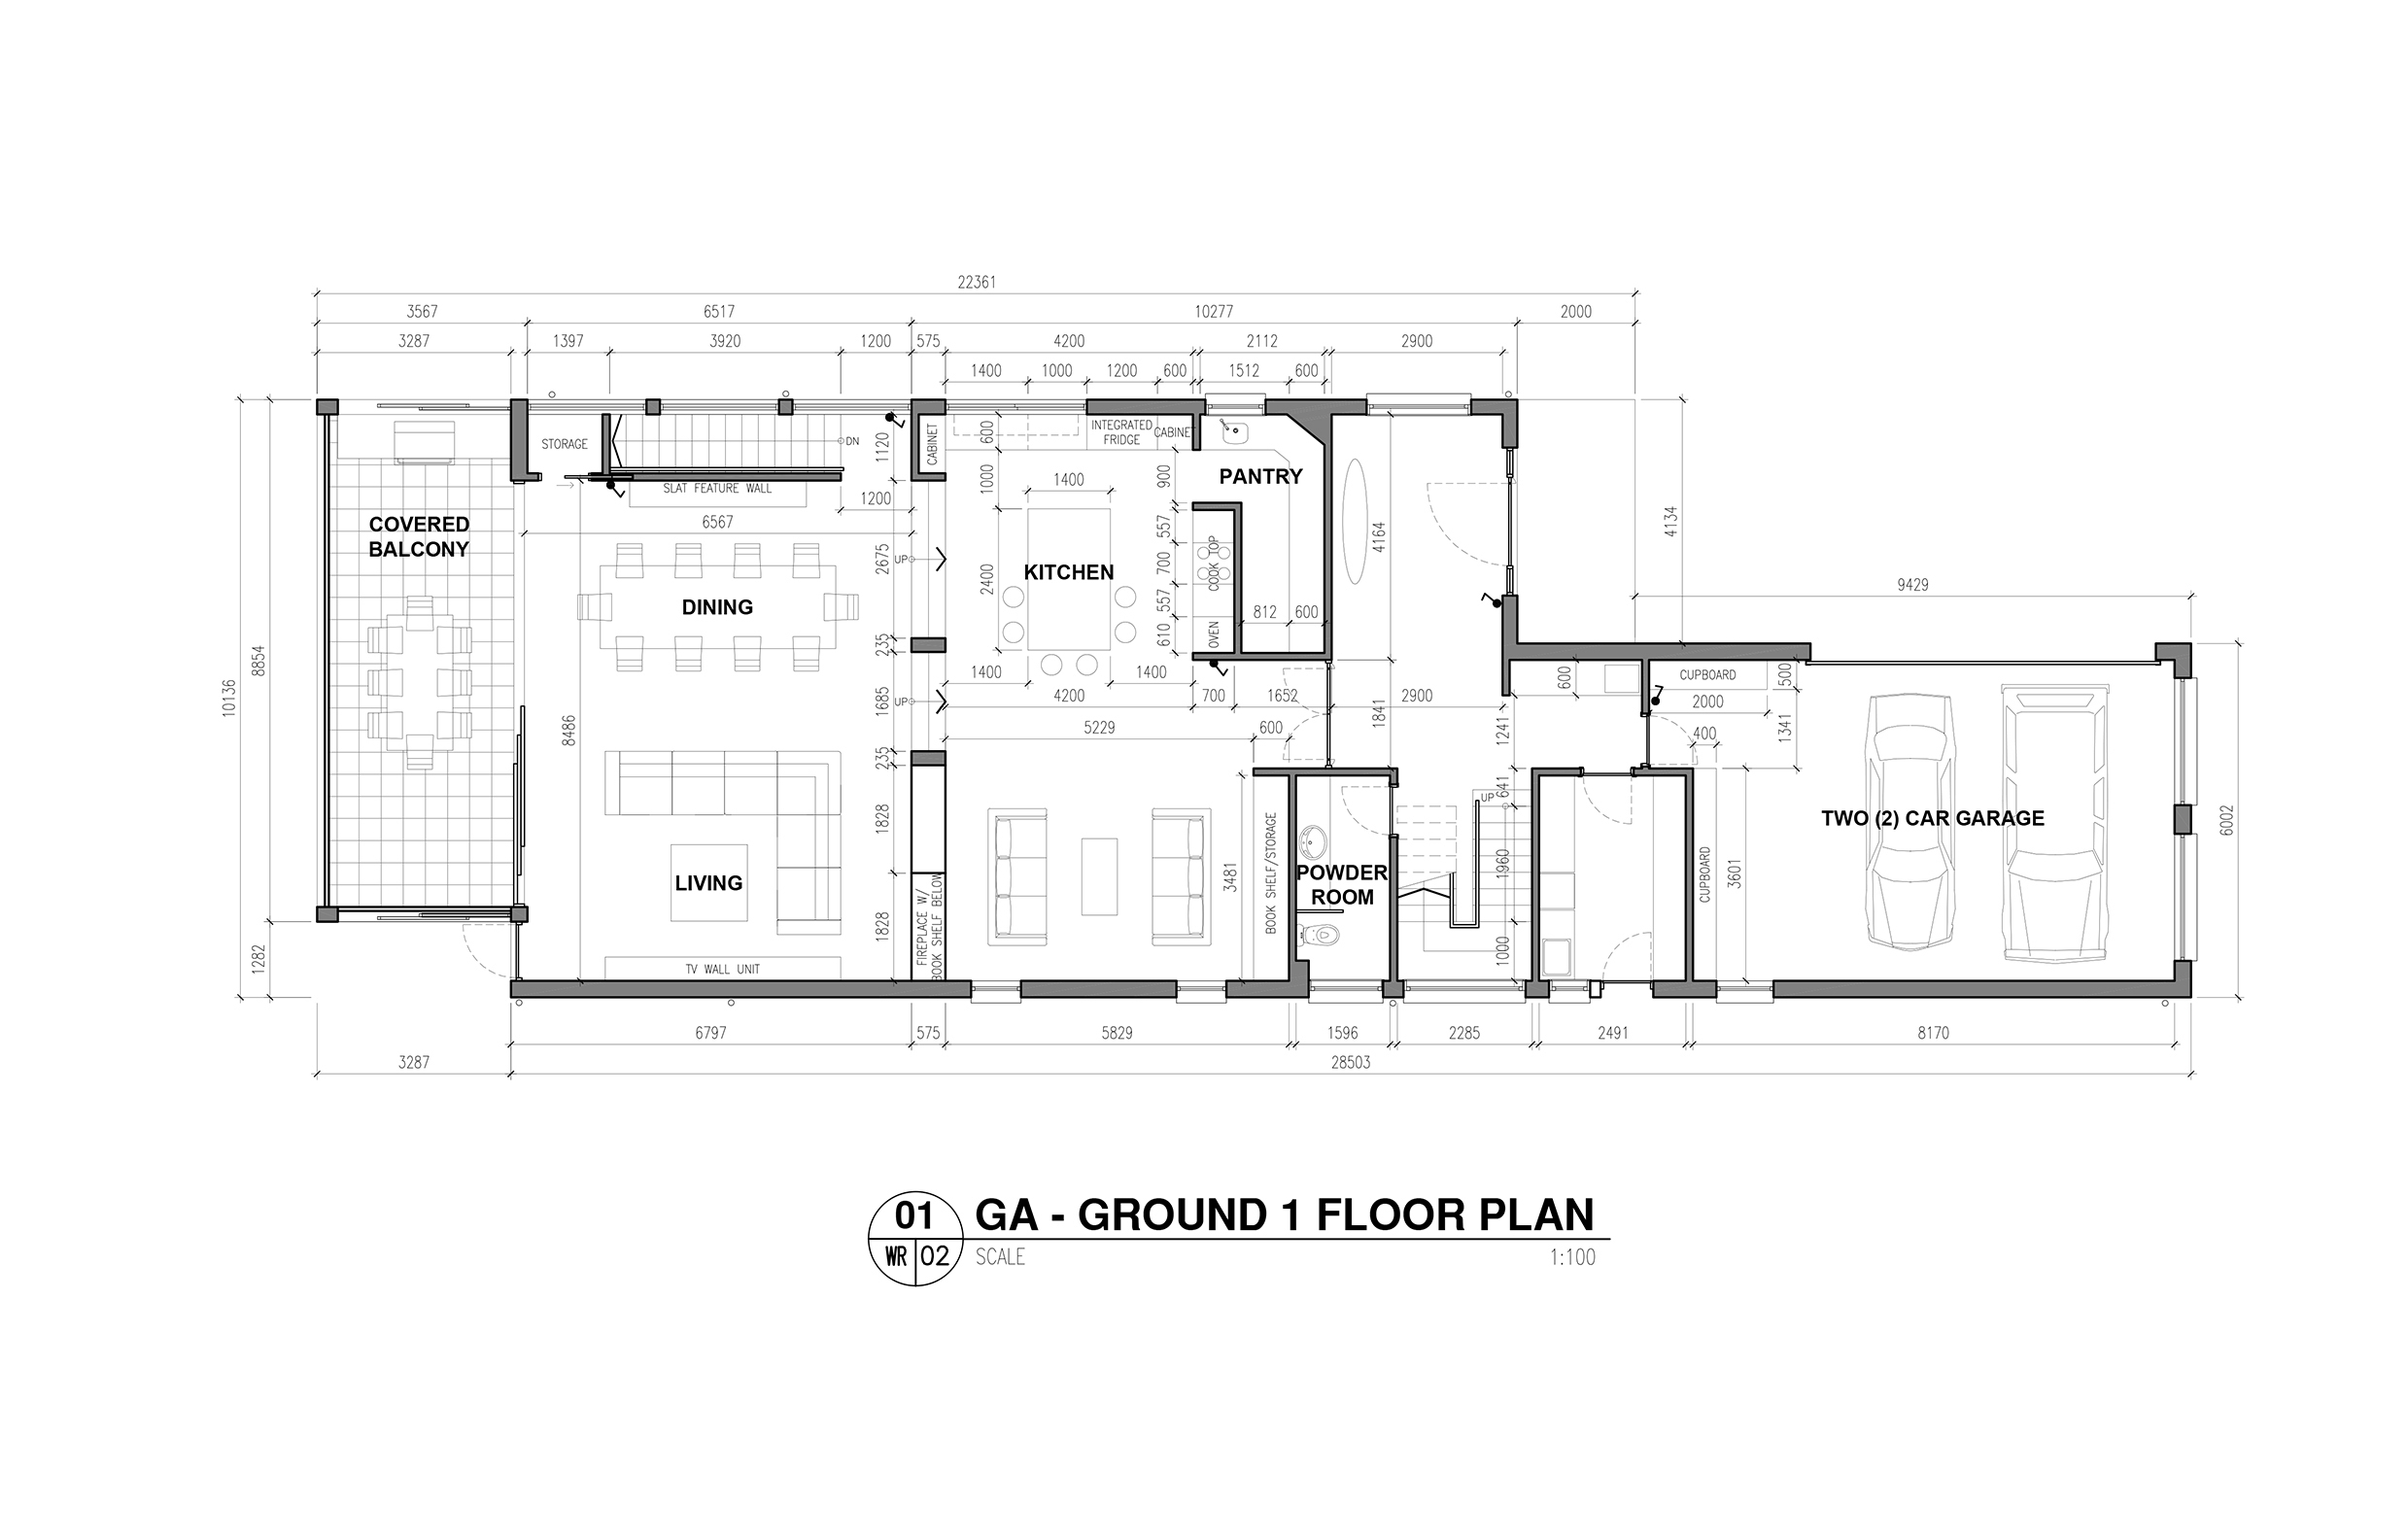 02 - GA Ground 1_option 7 Crop.jpg